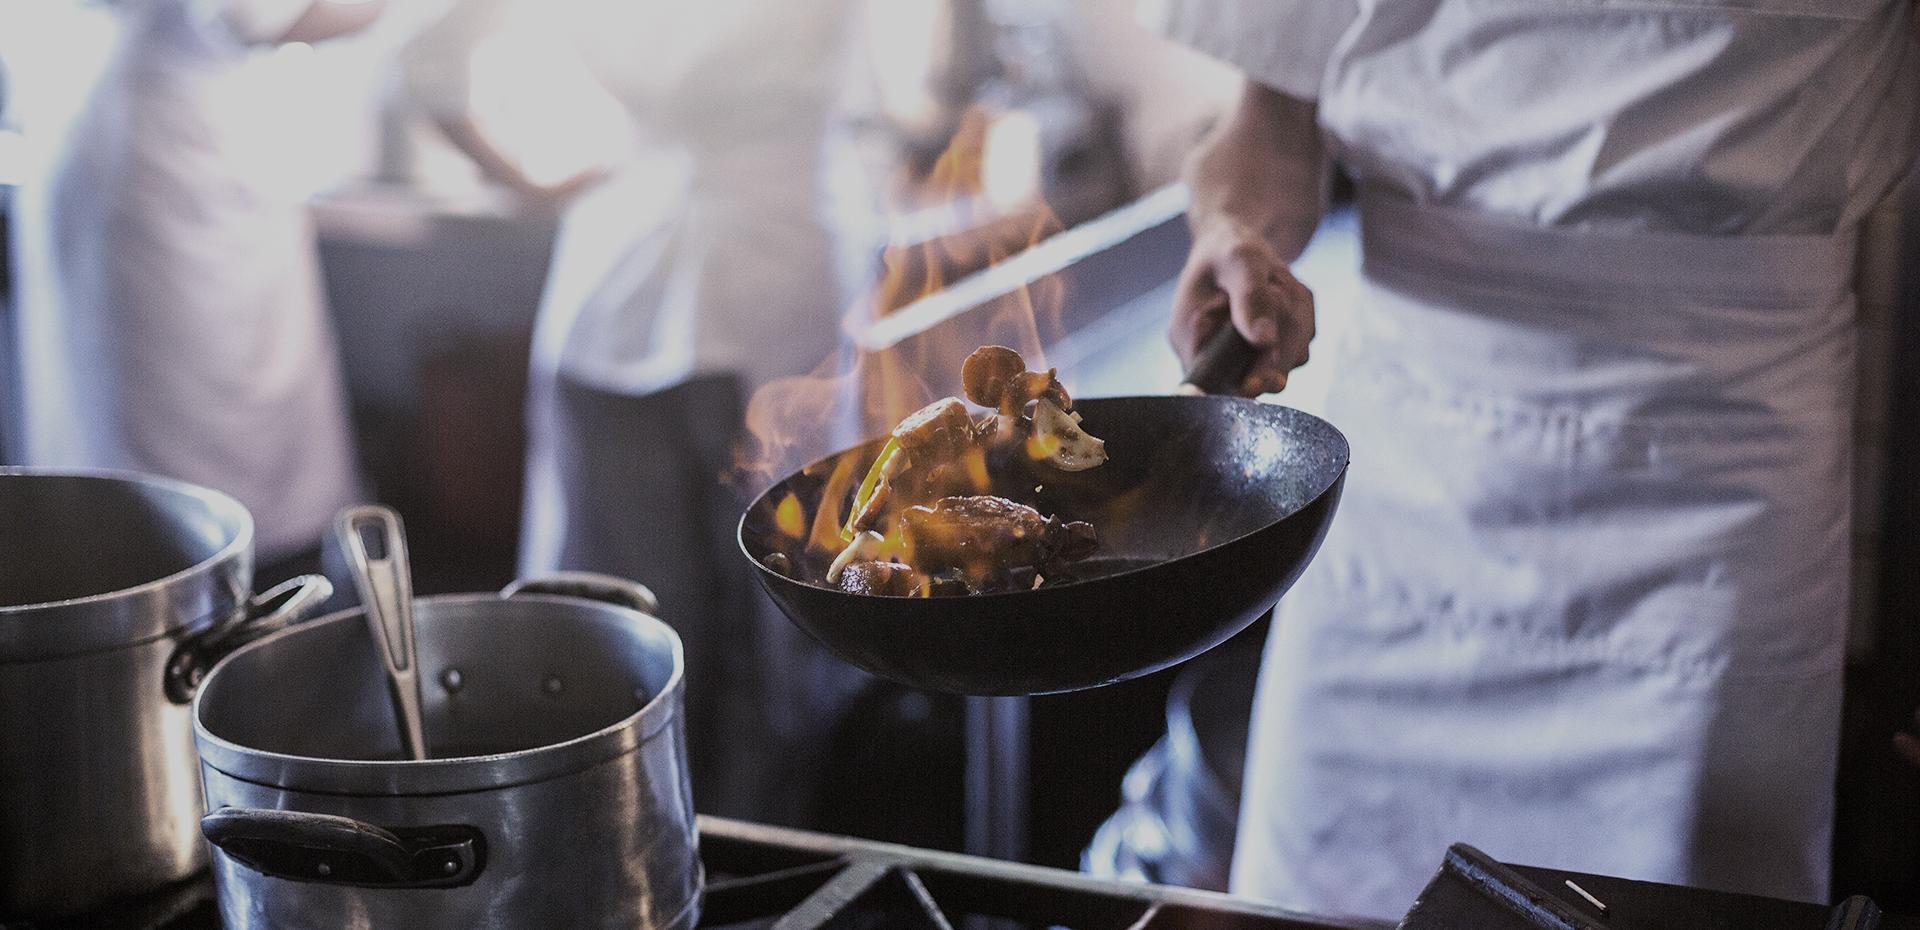 Weisser Großküchentechnik Essenszubereitung Gastronomie